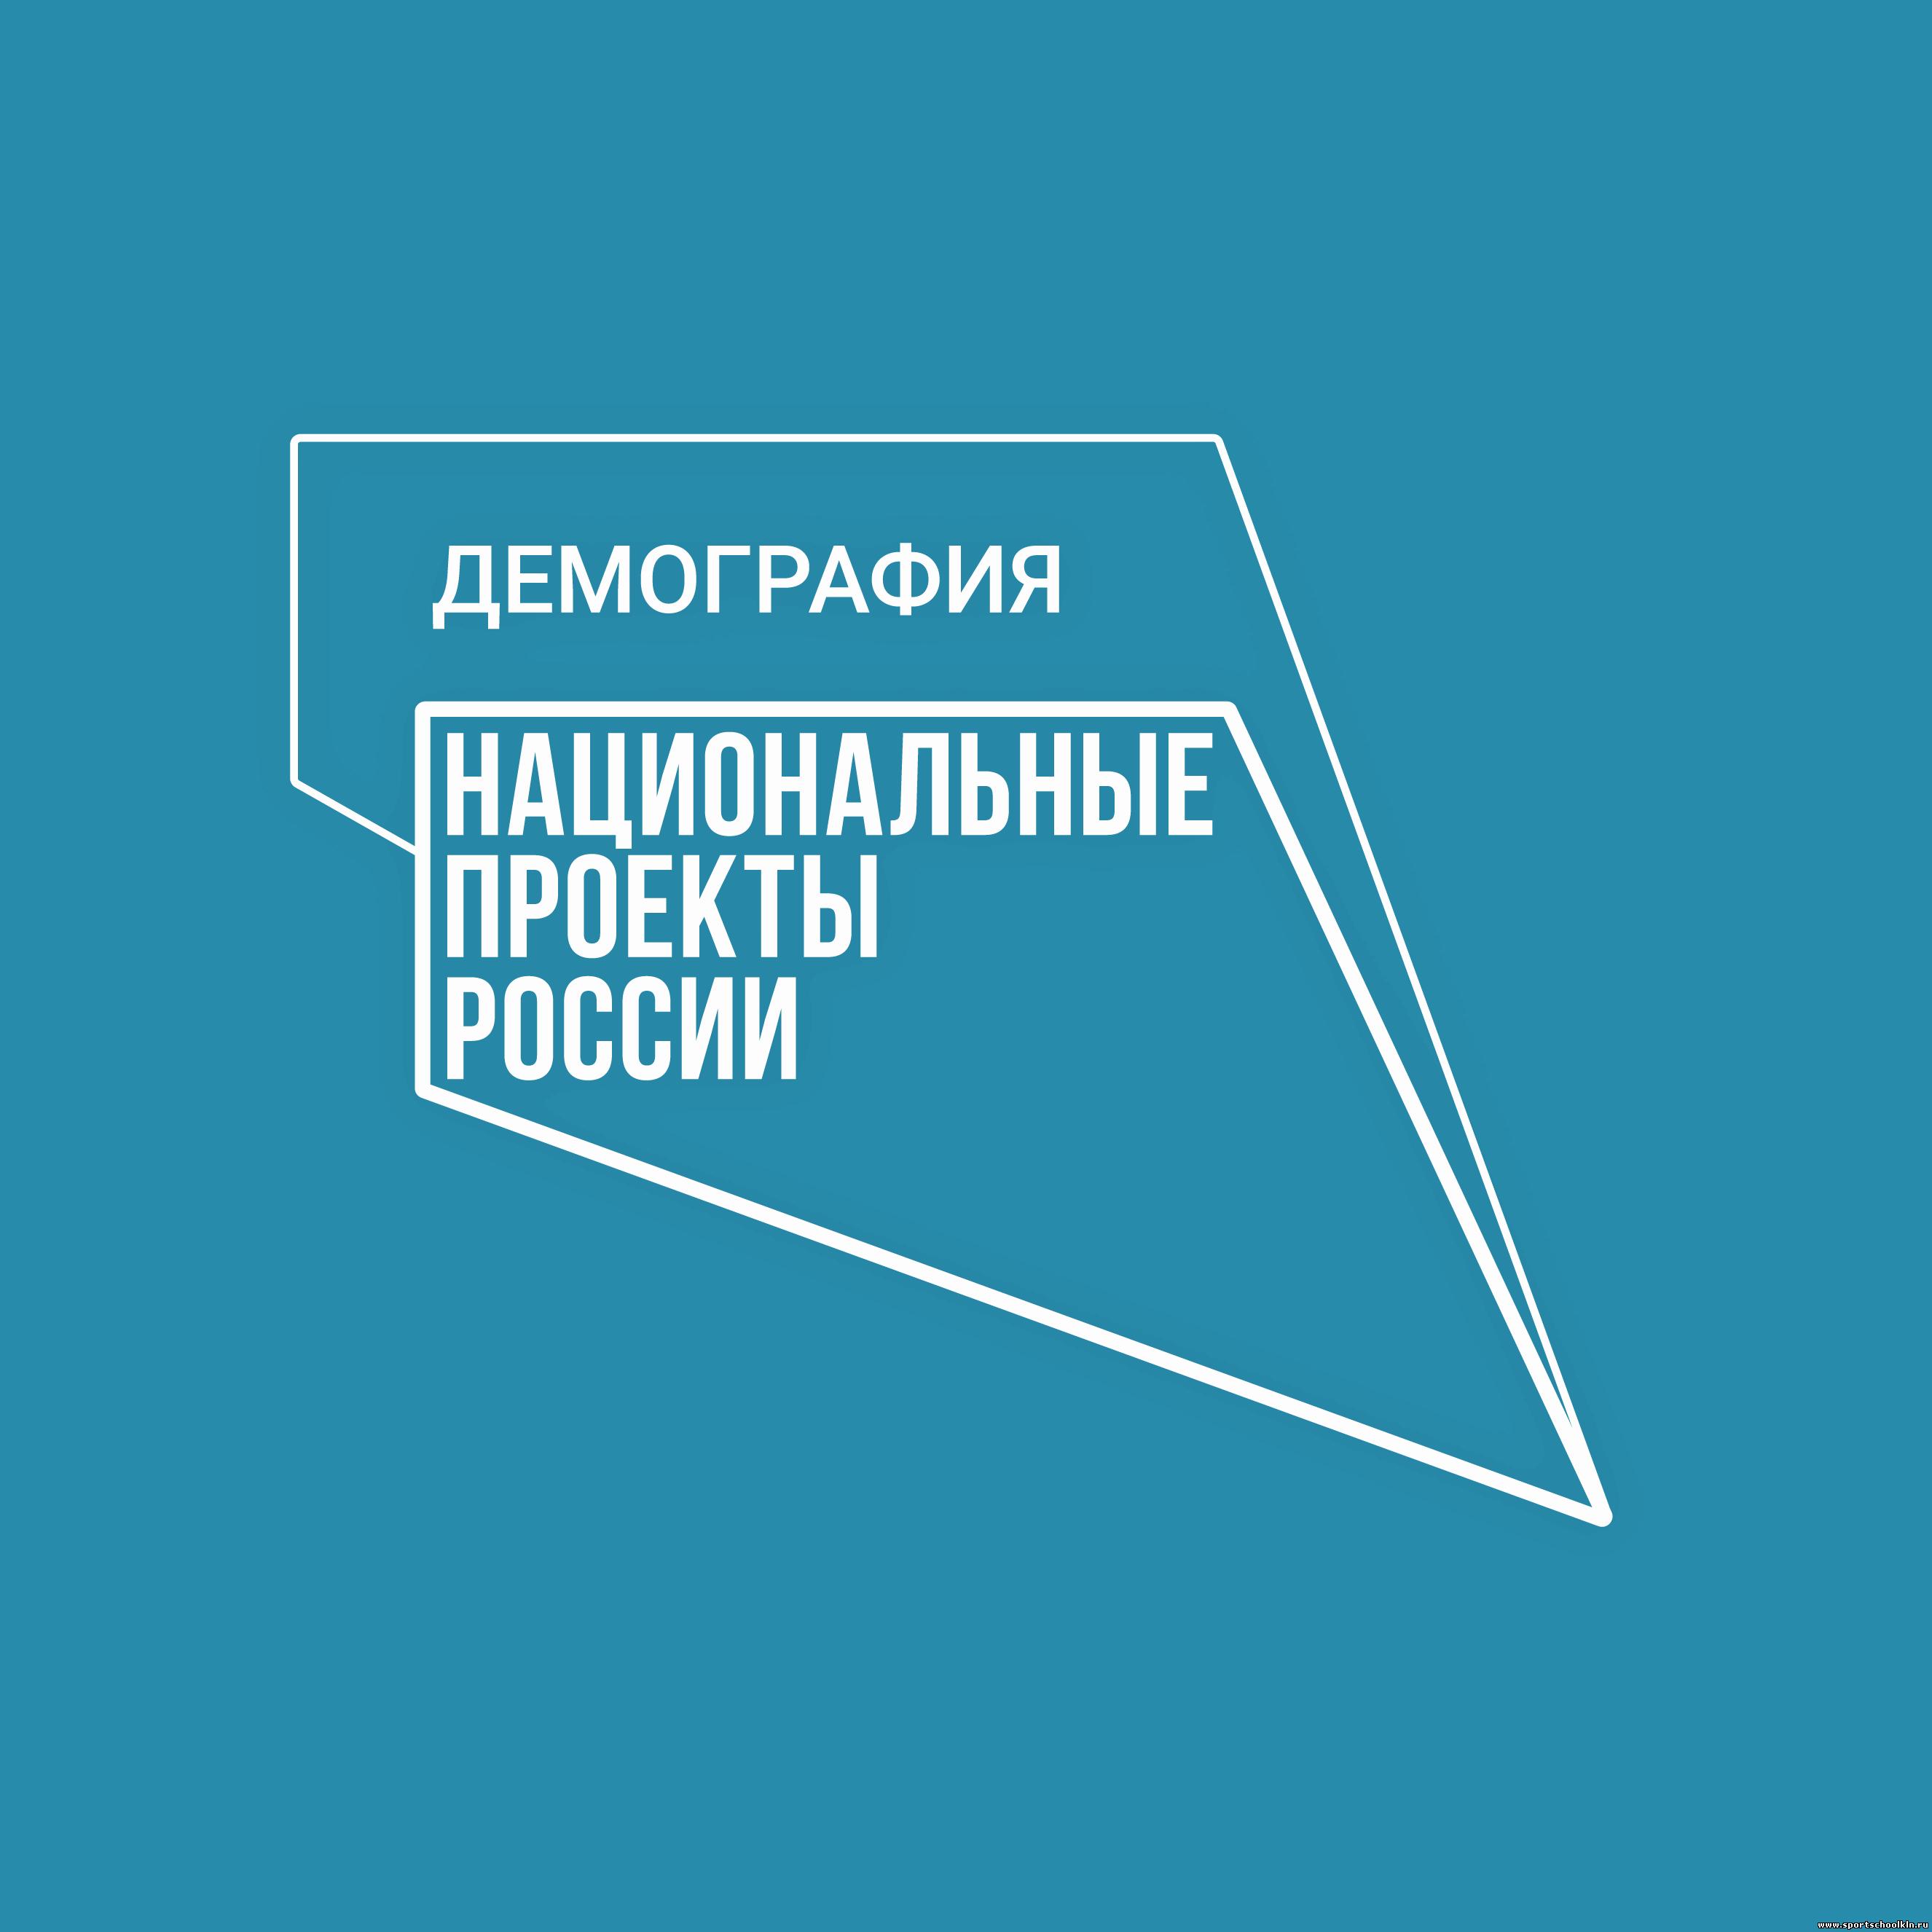 Национальные проекты.рф